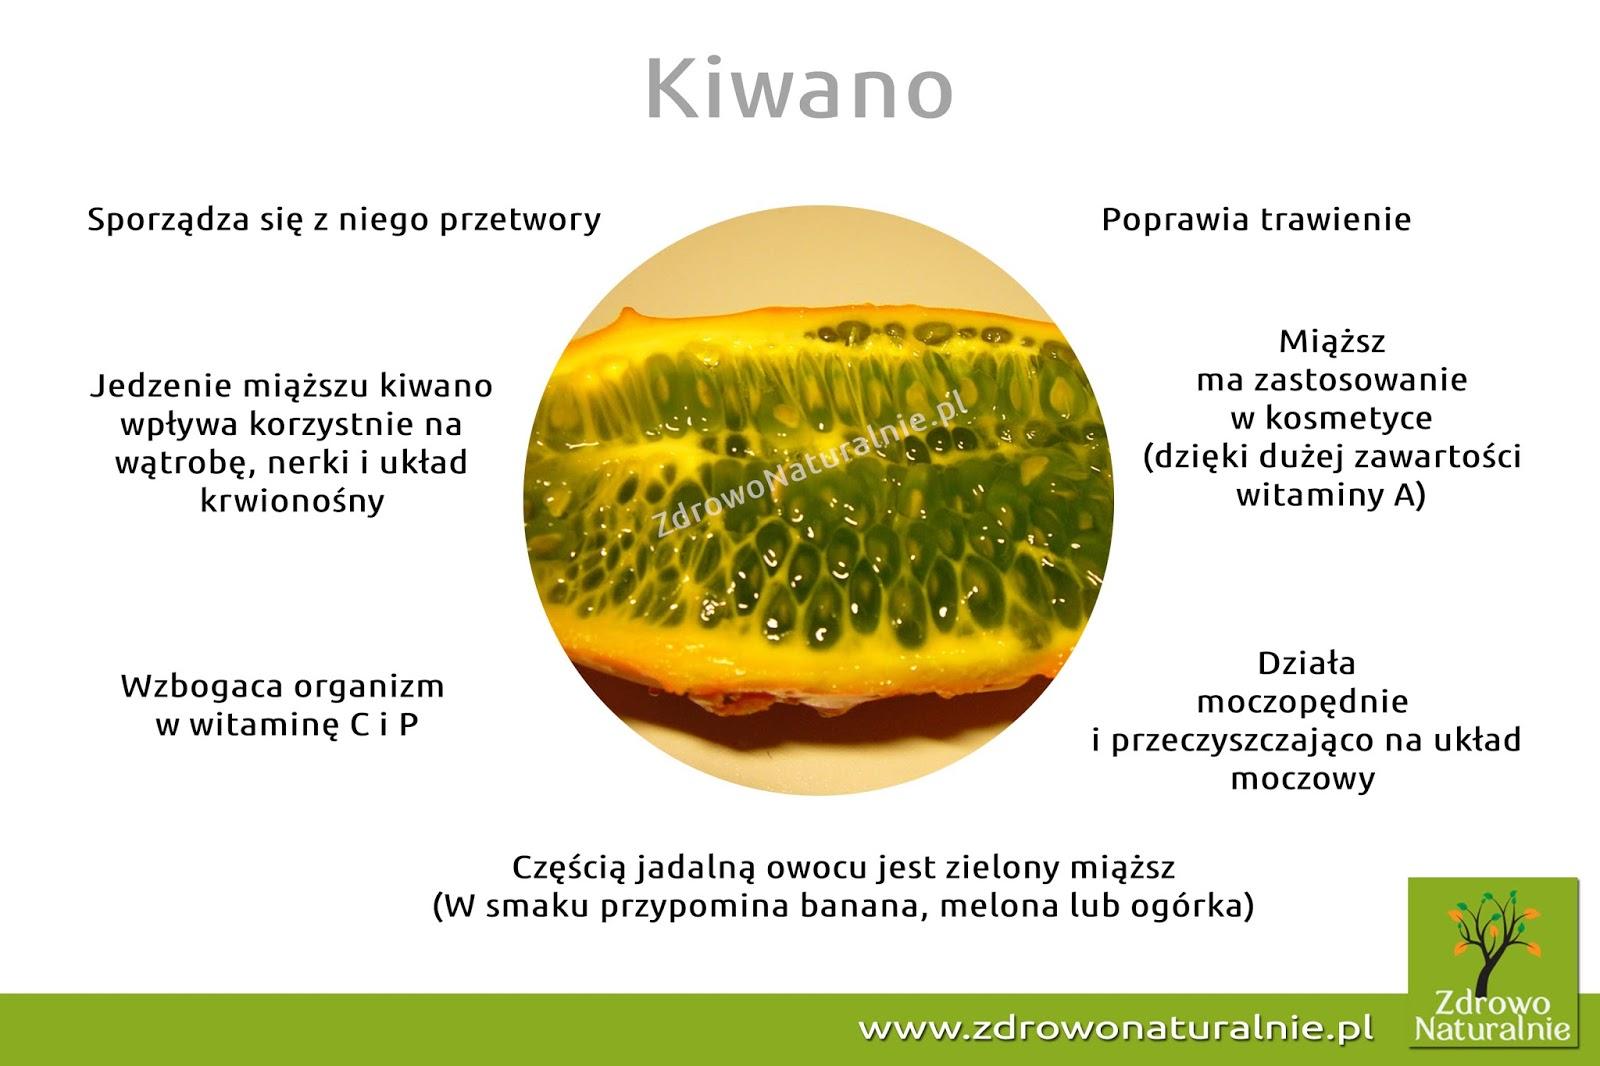 Kiwano - kolczasty ogórek